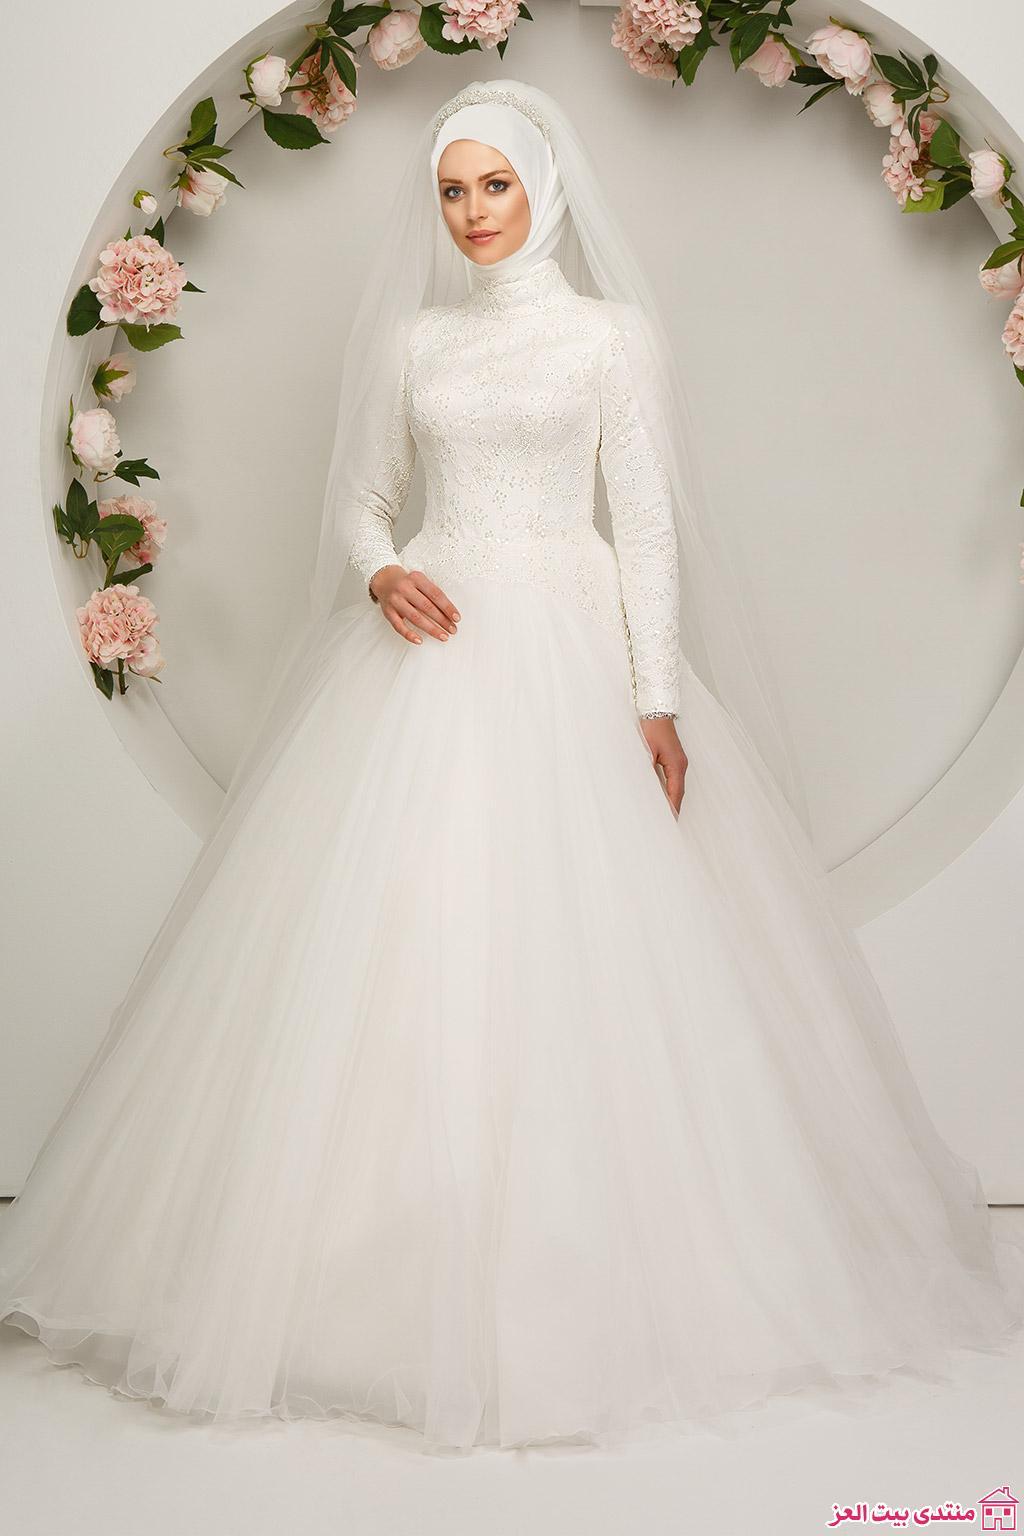 بالصور فساتين زفاف محجبات , اجدد تفصيلات وتصاميم فساتين الافراح 1998 7